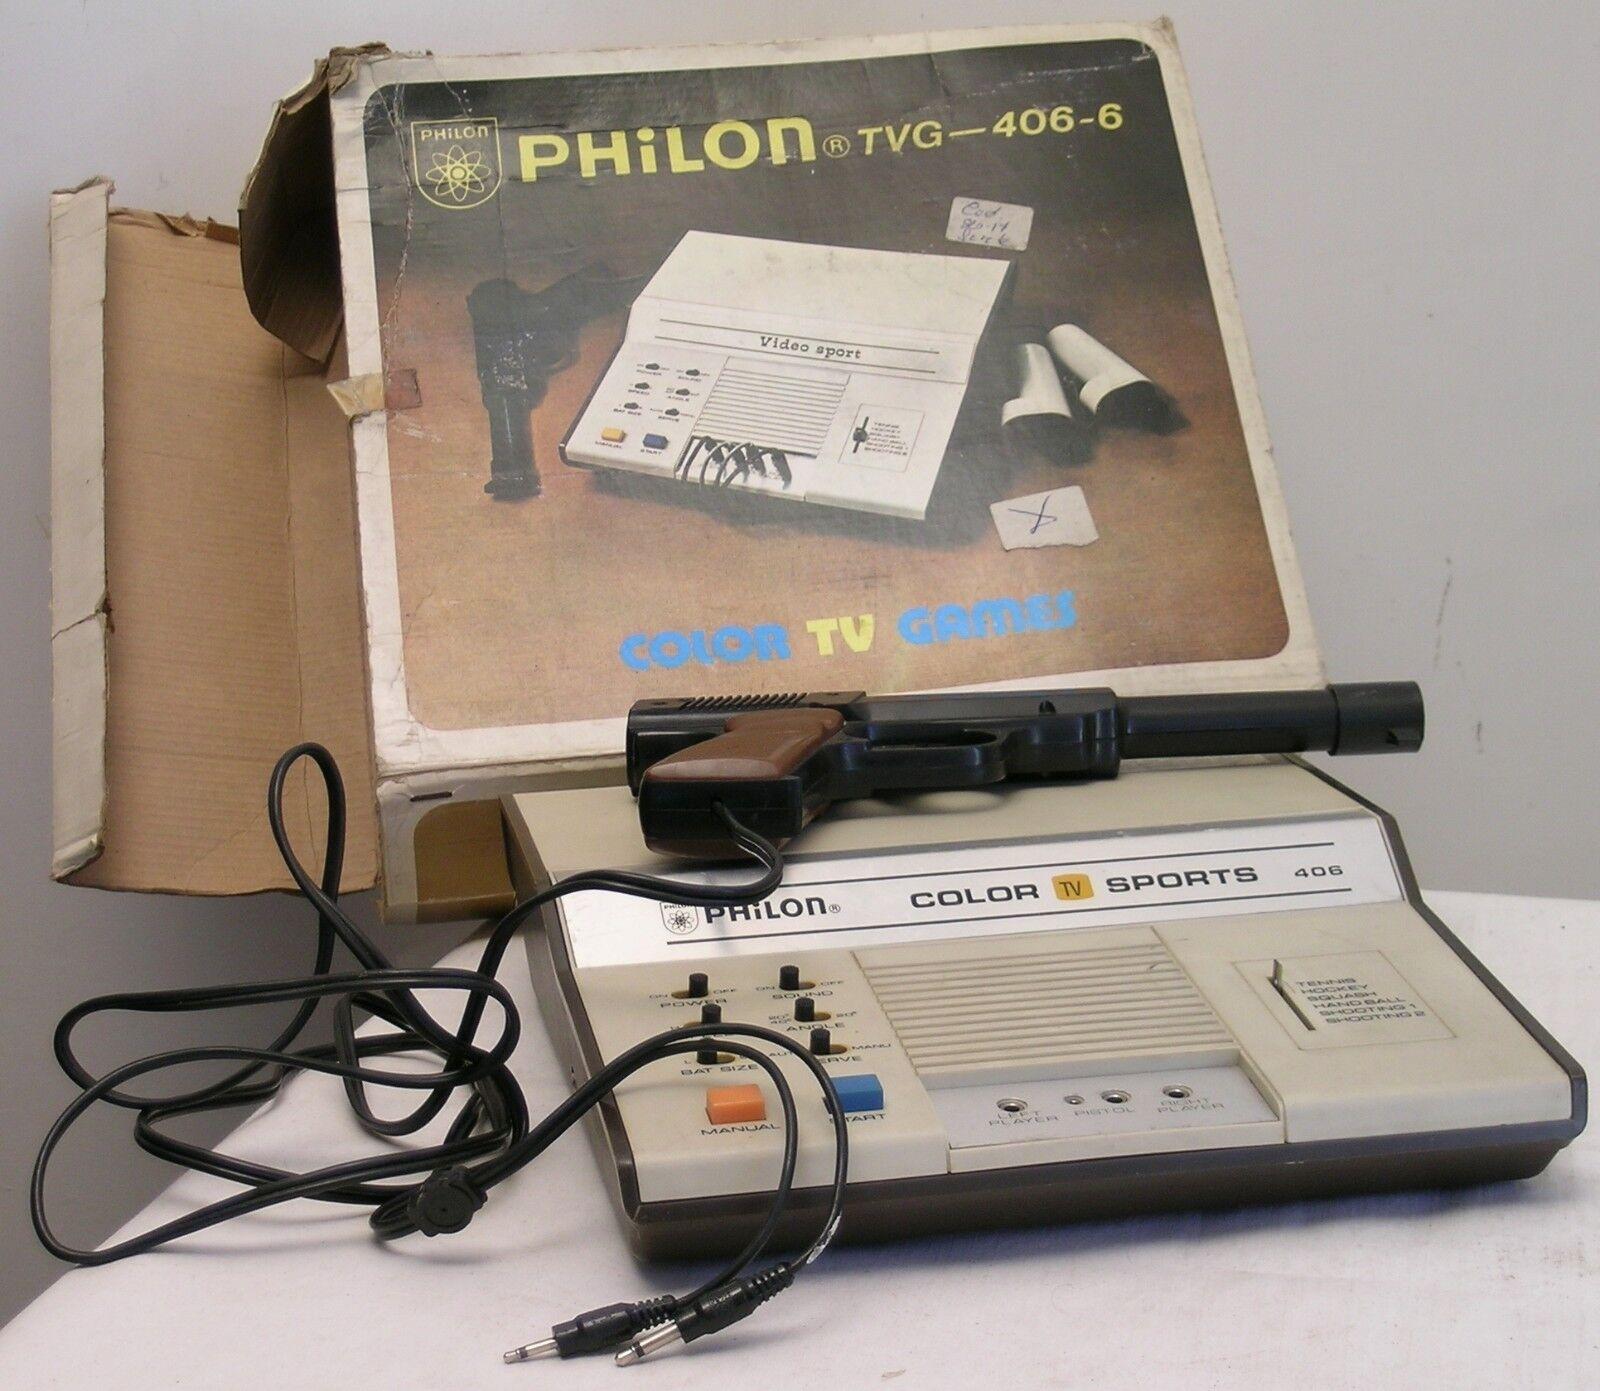 GIOCO TV EPOCA VINTAGE PHILON COLOR SPORTS TVG-406-6 COLOR TV GAMES MADE IN HONG